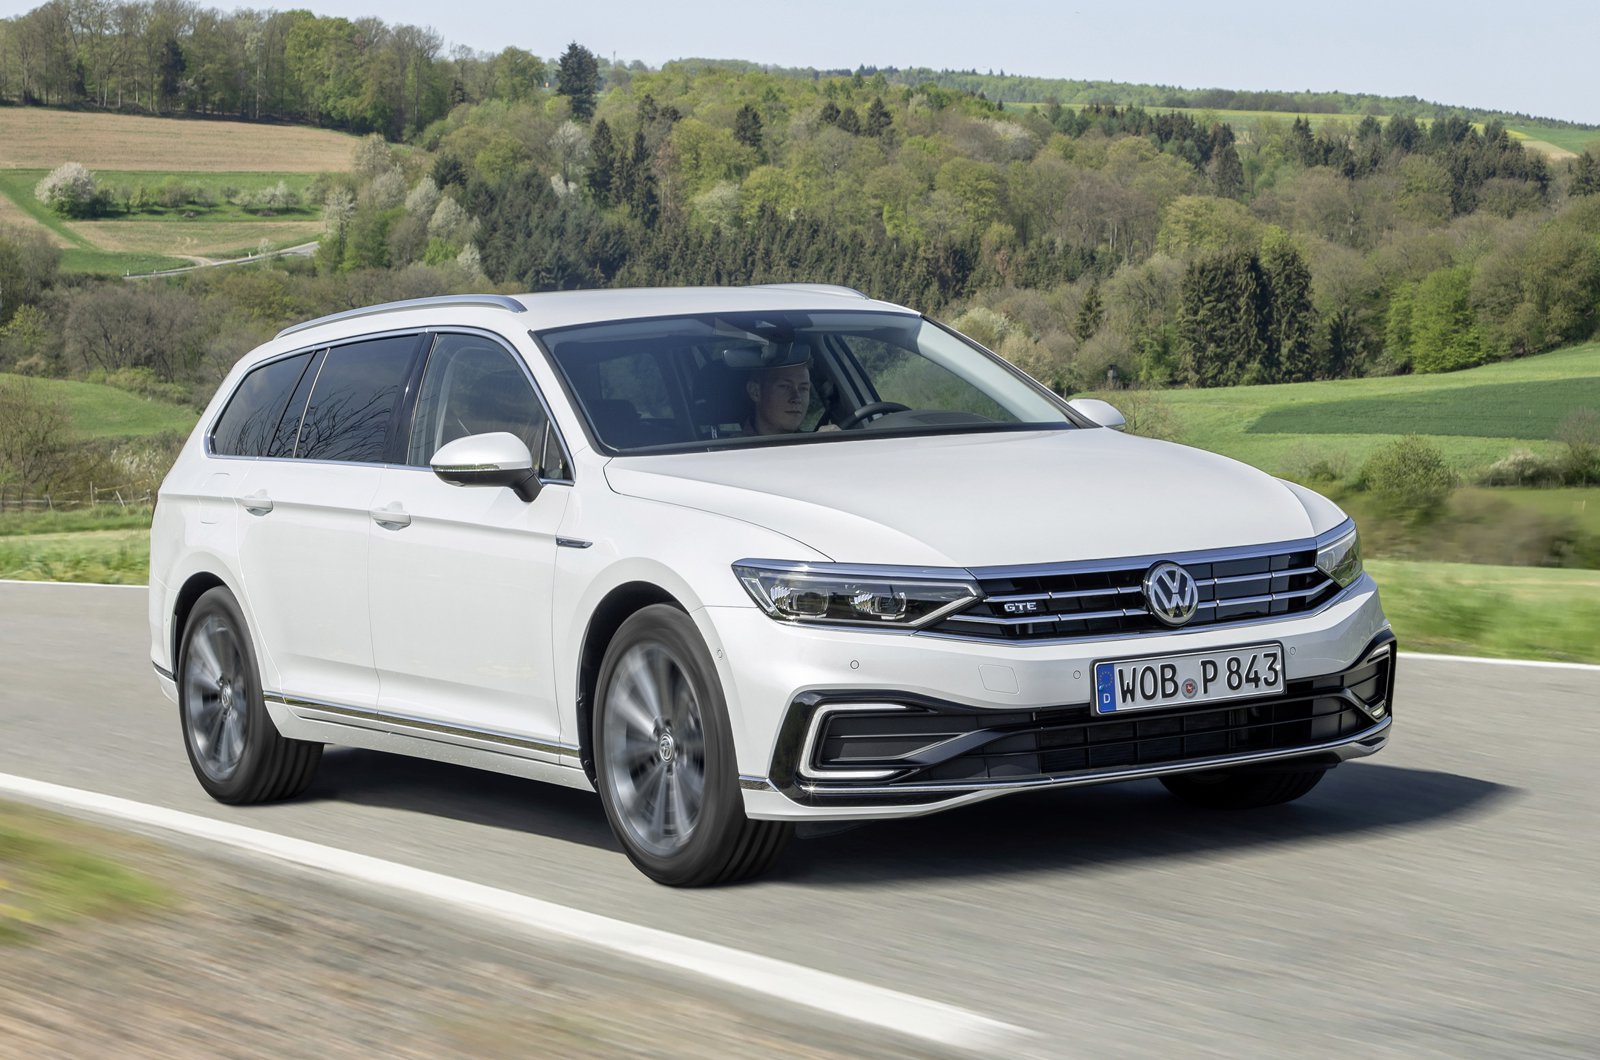 2019 Volkswagen Passat GTE review: price, specs and release date